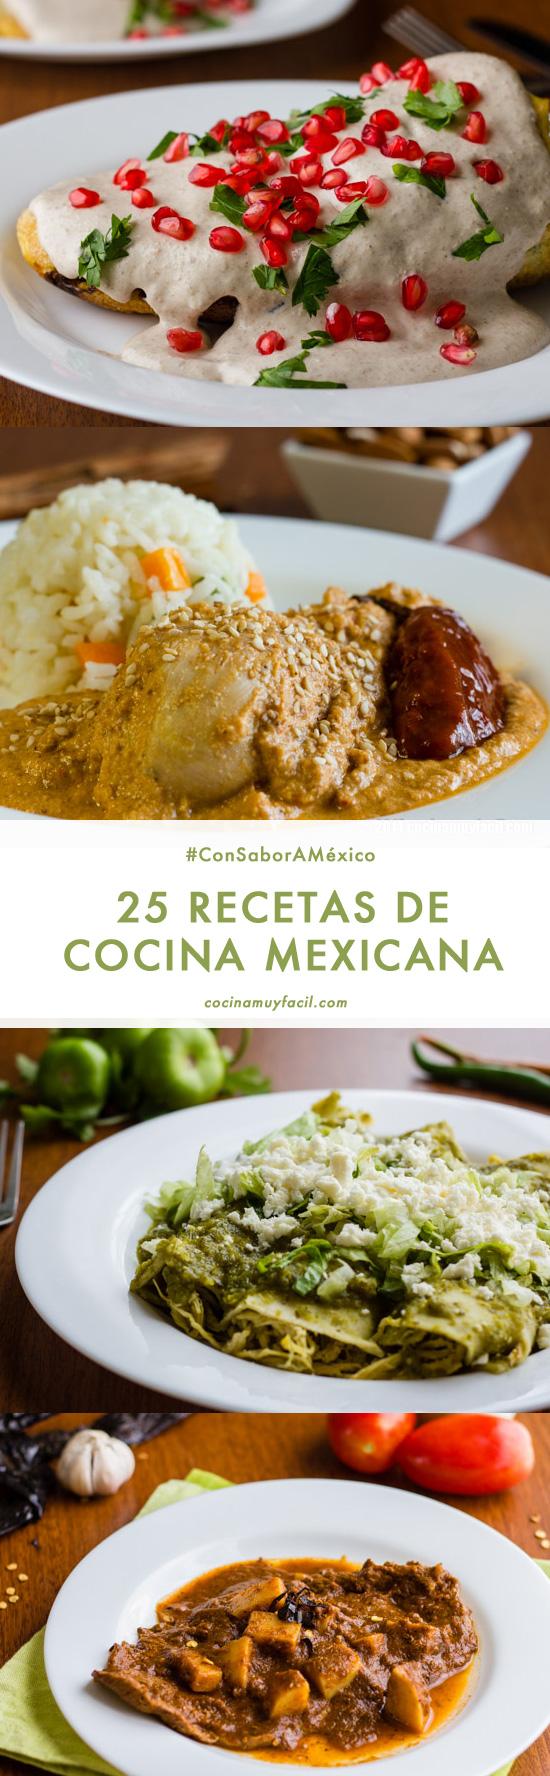 25 recetas de cocina mexicana | cocinamuyfacil.com